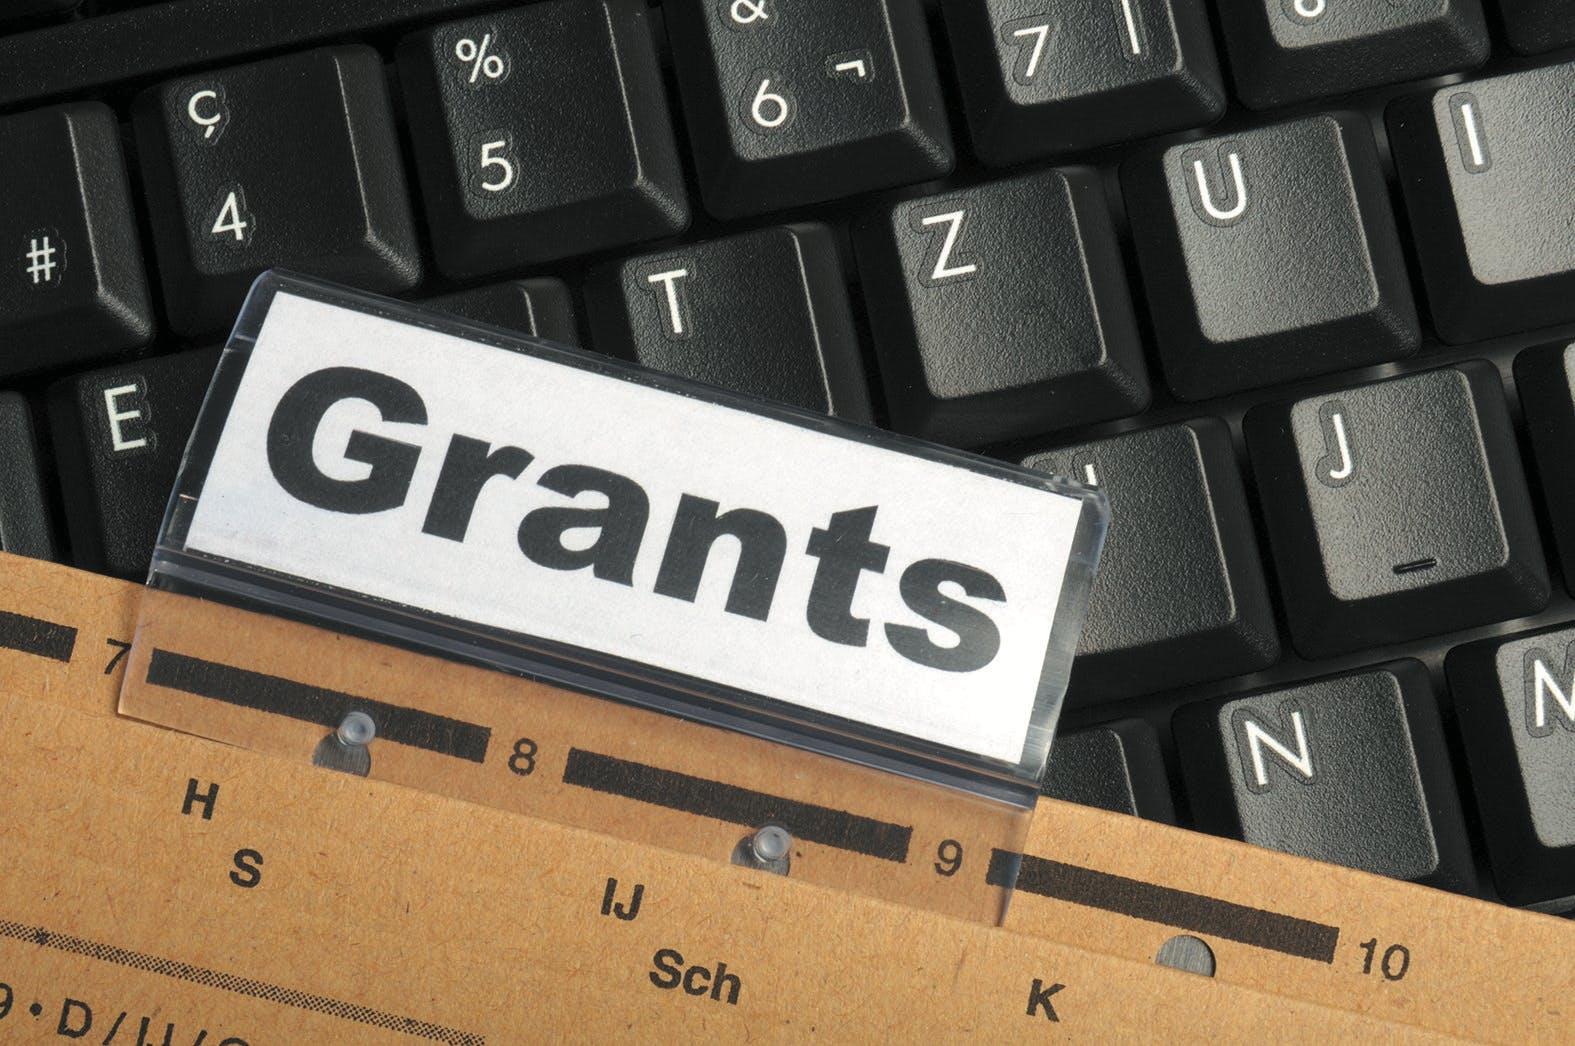 Получение гранта на развитие и поддержку малого бизнеса - инстуркция